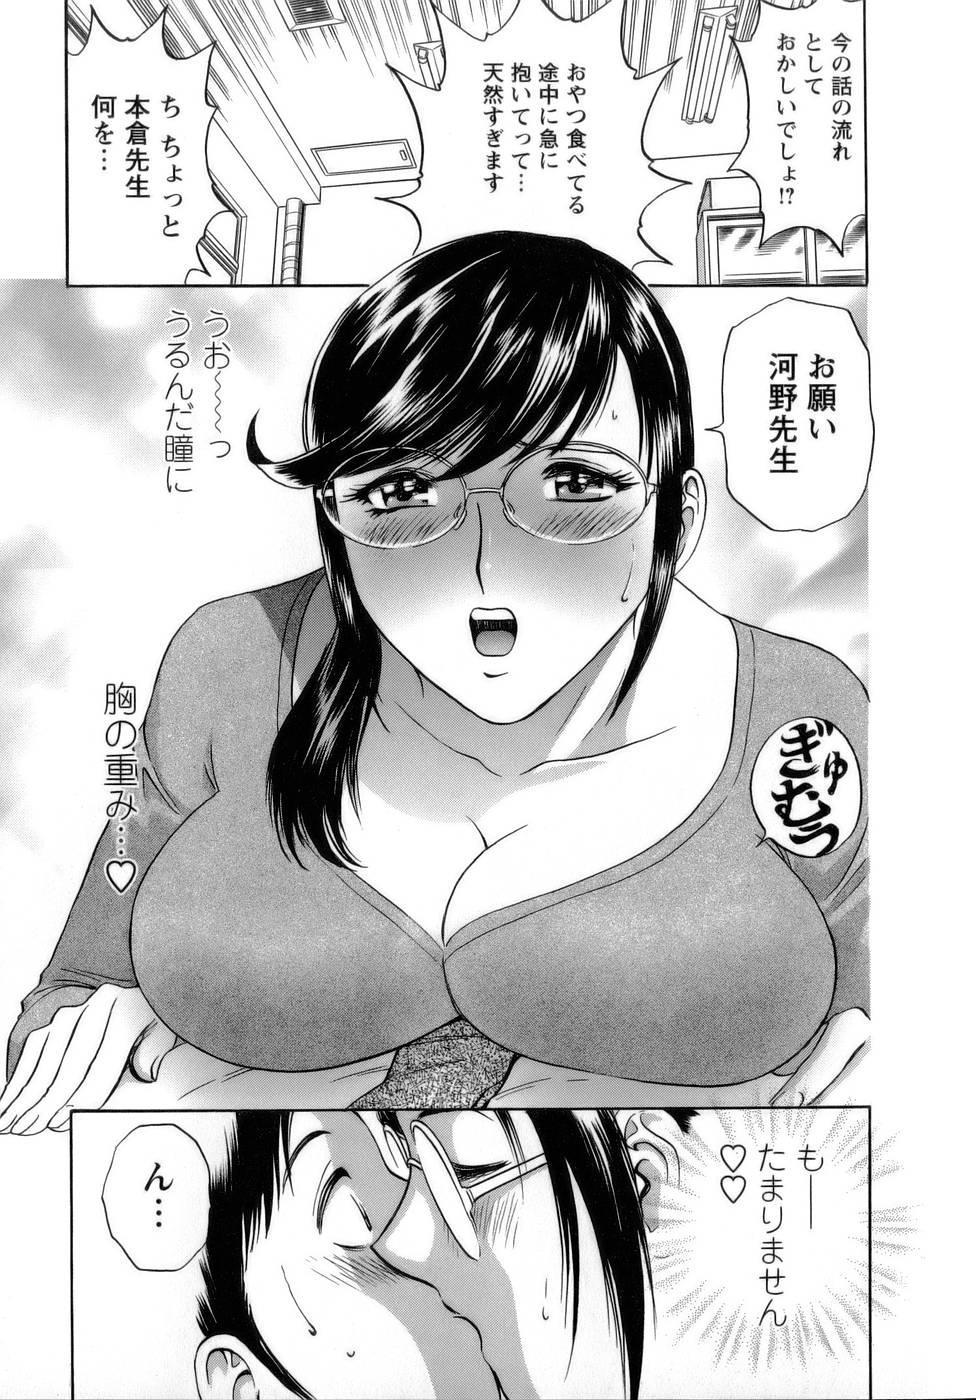 [Hidemaru] Mo-Retsu! Boin Sensei (Boing Boing Teacher) Vol.1 120